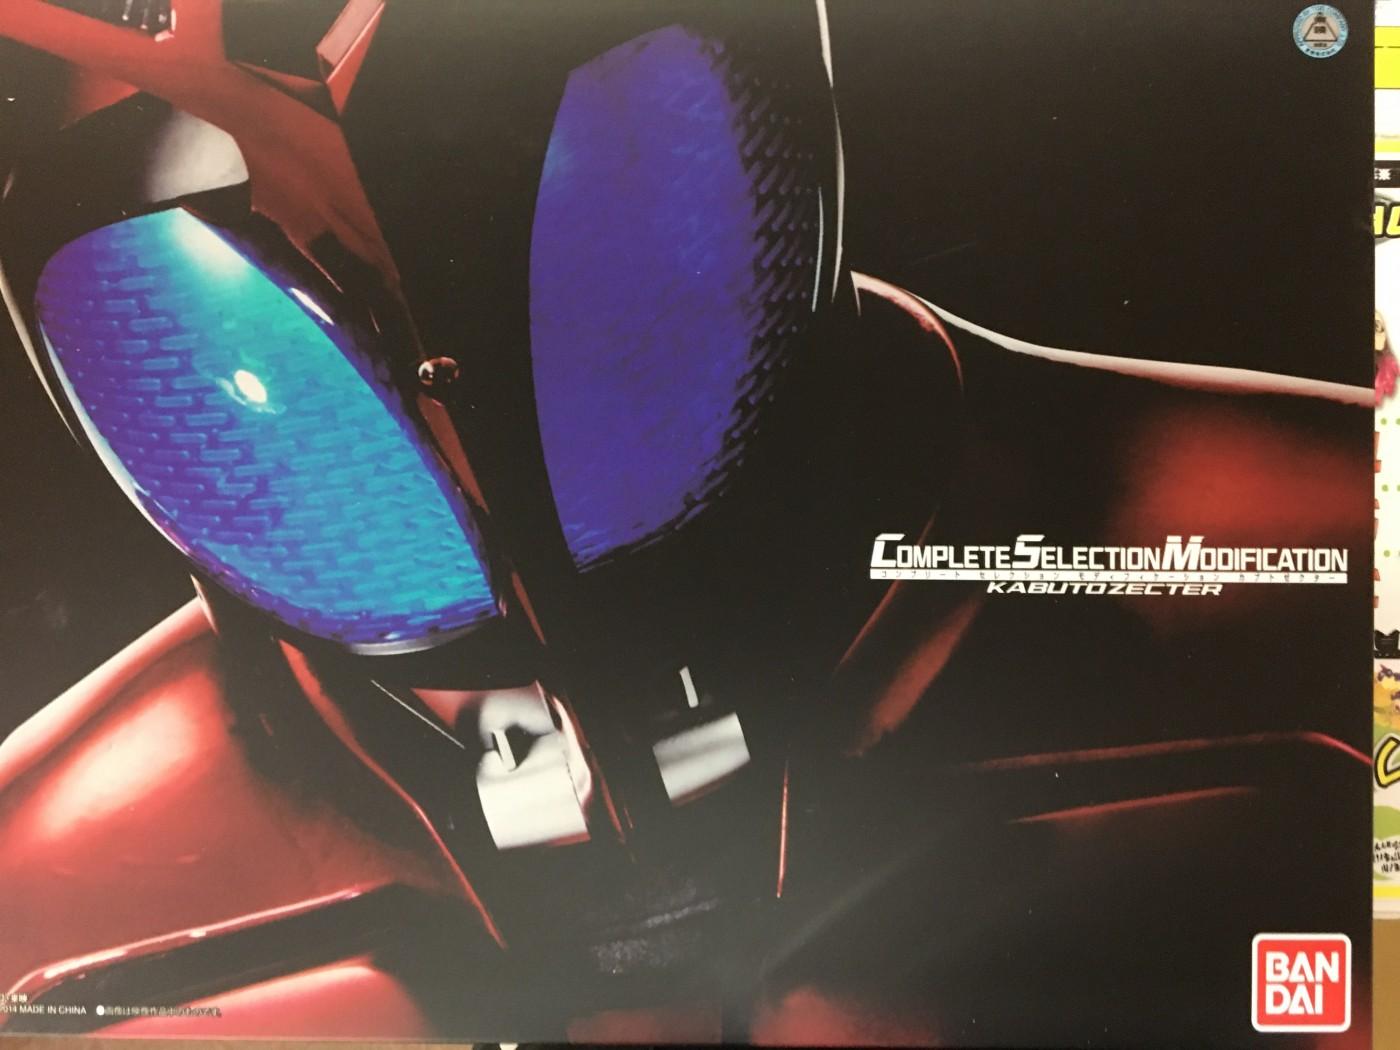 買取情報『BANDAI(バンダイ)のCSM(コンプリート・セレクション・モディフィケーション)仮面ライダーカブト「カブトゼクター」』